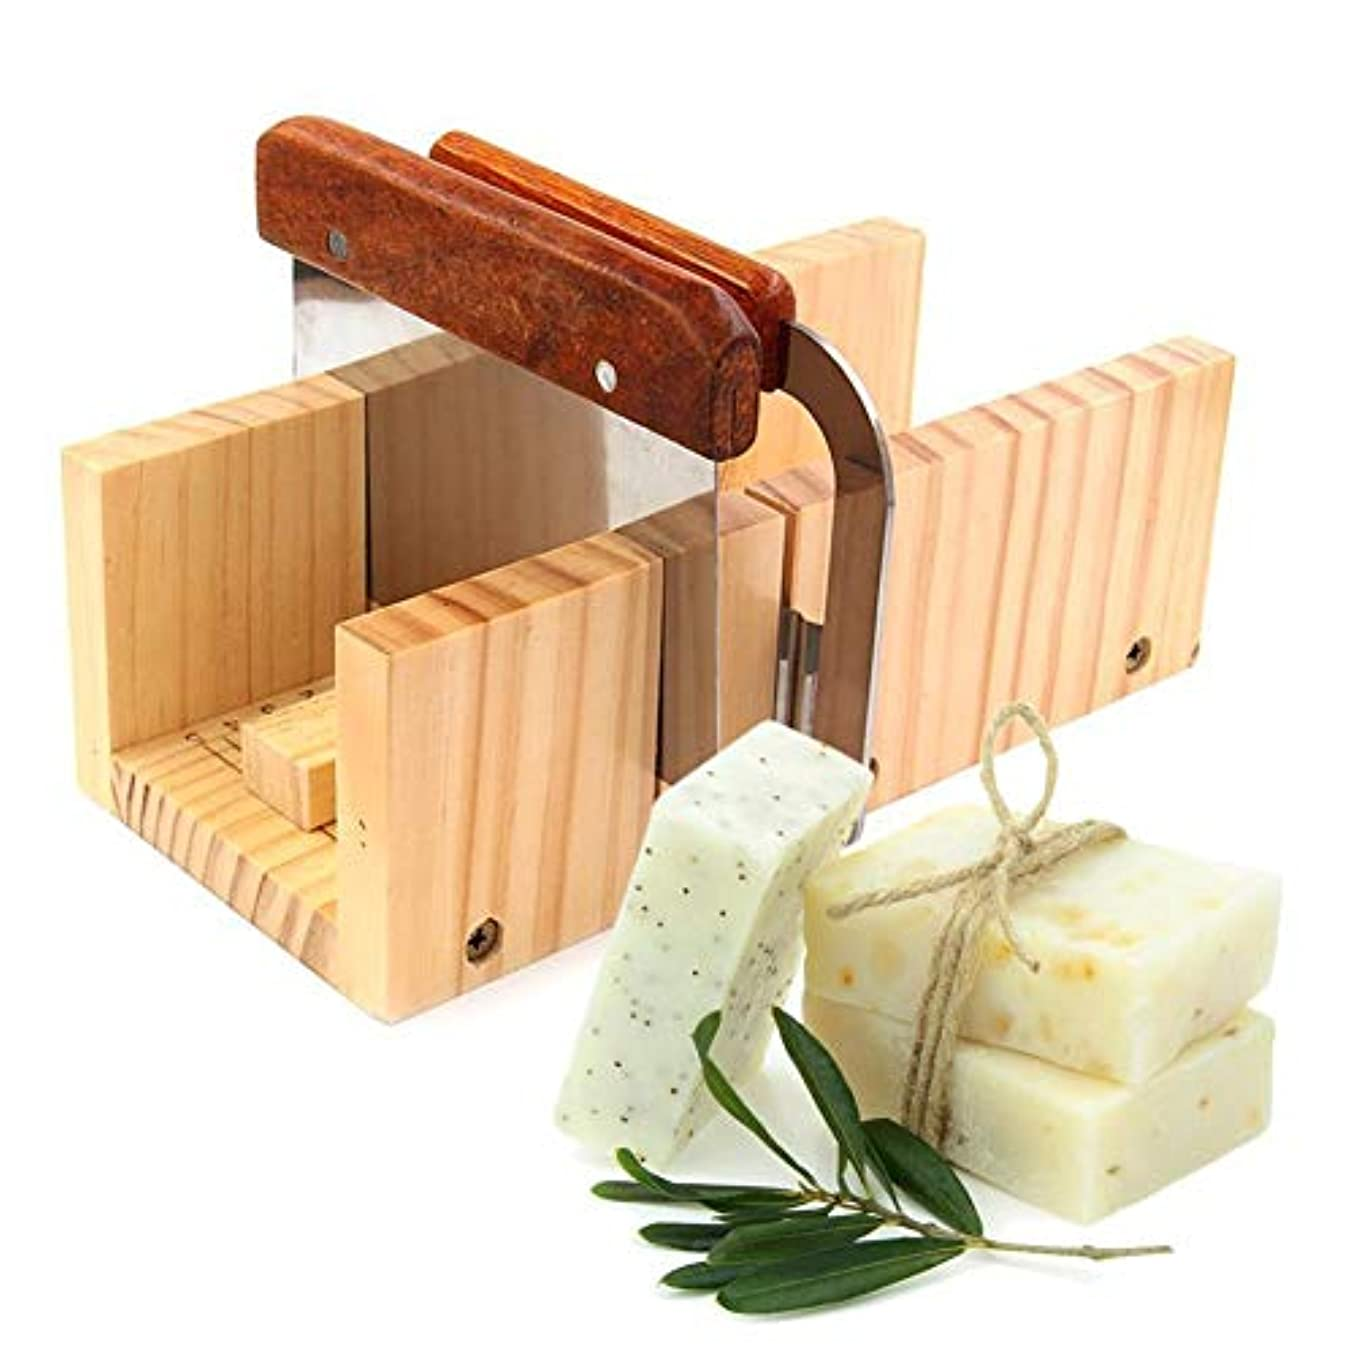 ノイズ母音即席Ragem ソープカッター 手作り石鹸金型 木製 ローフカッターボックス 調整可能 多機能ソープ切削工具 ストレートプレーニングツール